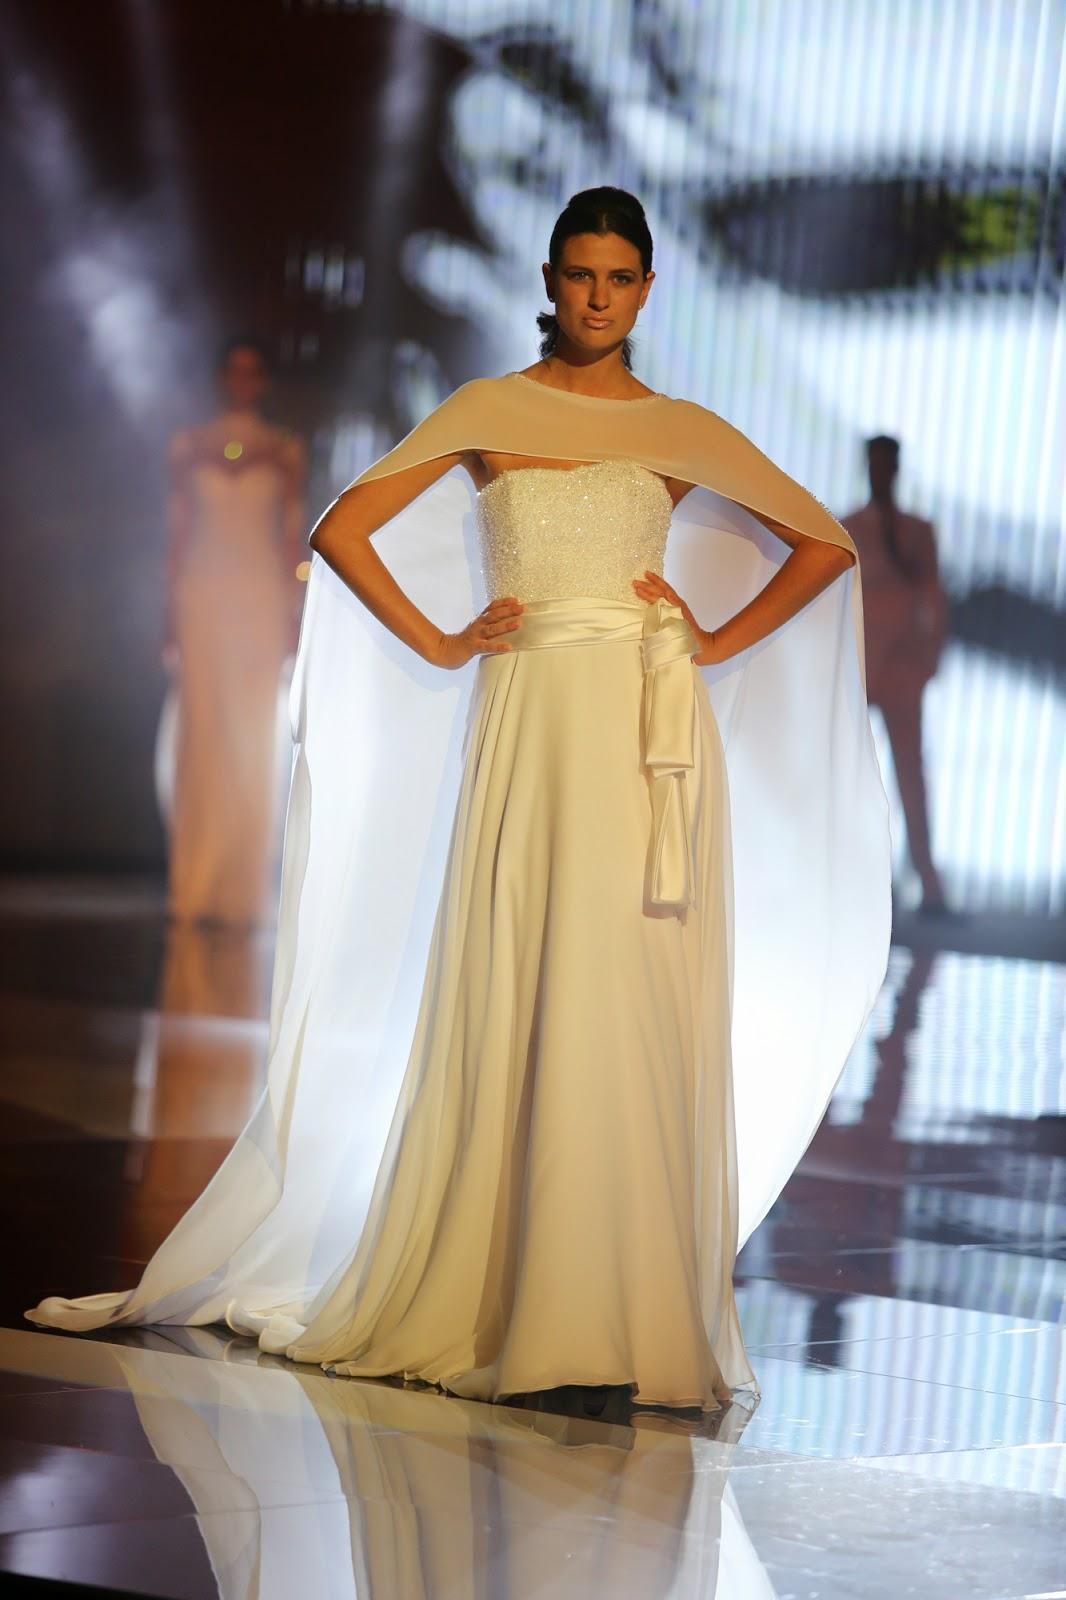 94f5e4d0a7b9 Polvere di Stelle a Napoli per Passaro Sposa - Travel Fashion Tips by Anna  Pernice